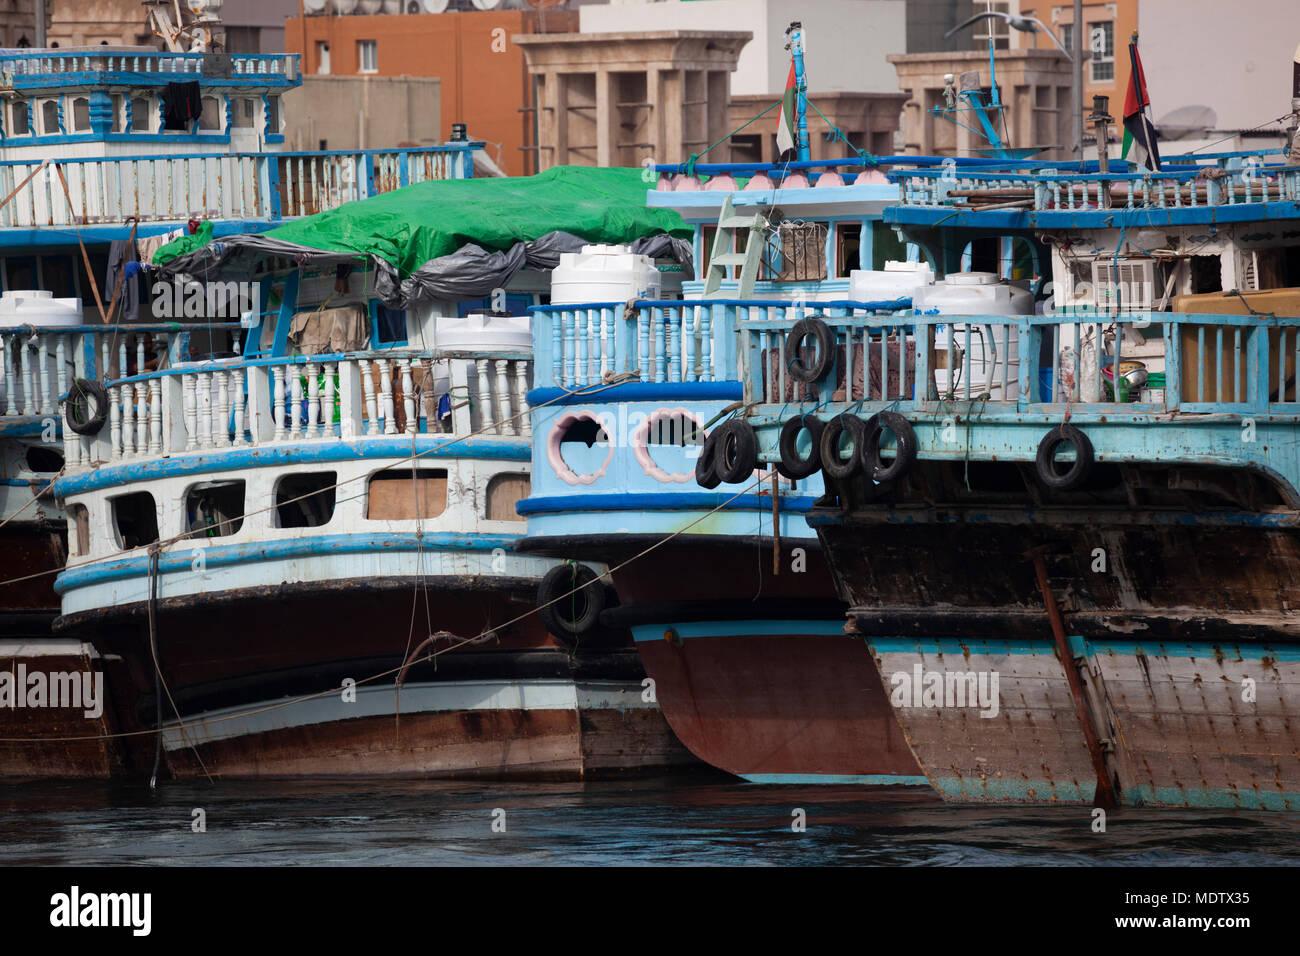 Sterns azul de dhows mooored junto al Dubai Creek, Deira, Dubai, Emiratos Árabes Unidos, Oriente Medio Imagen De Stock